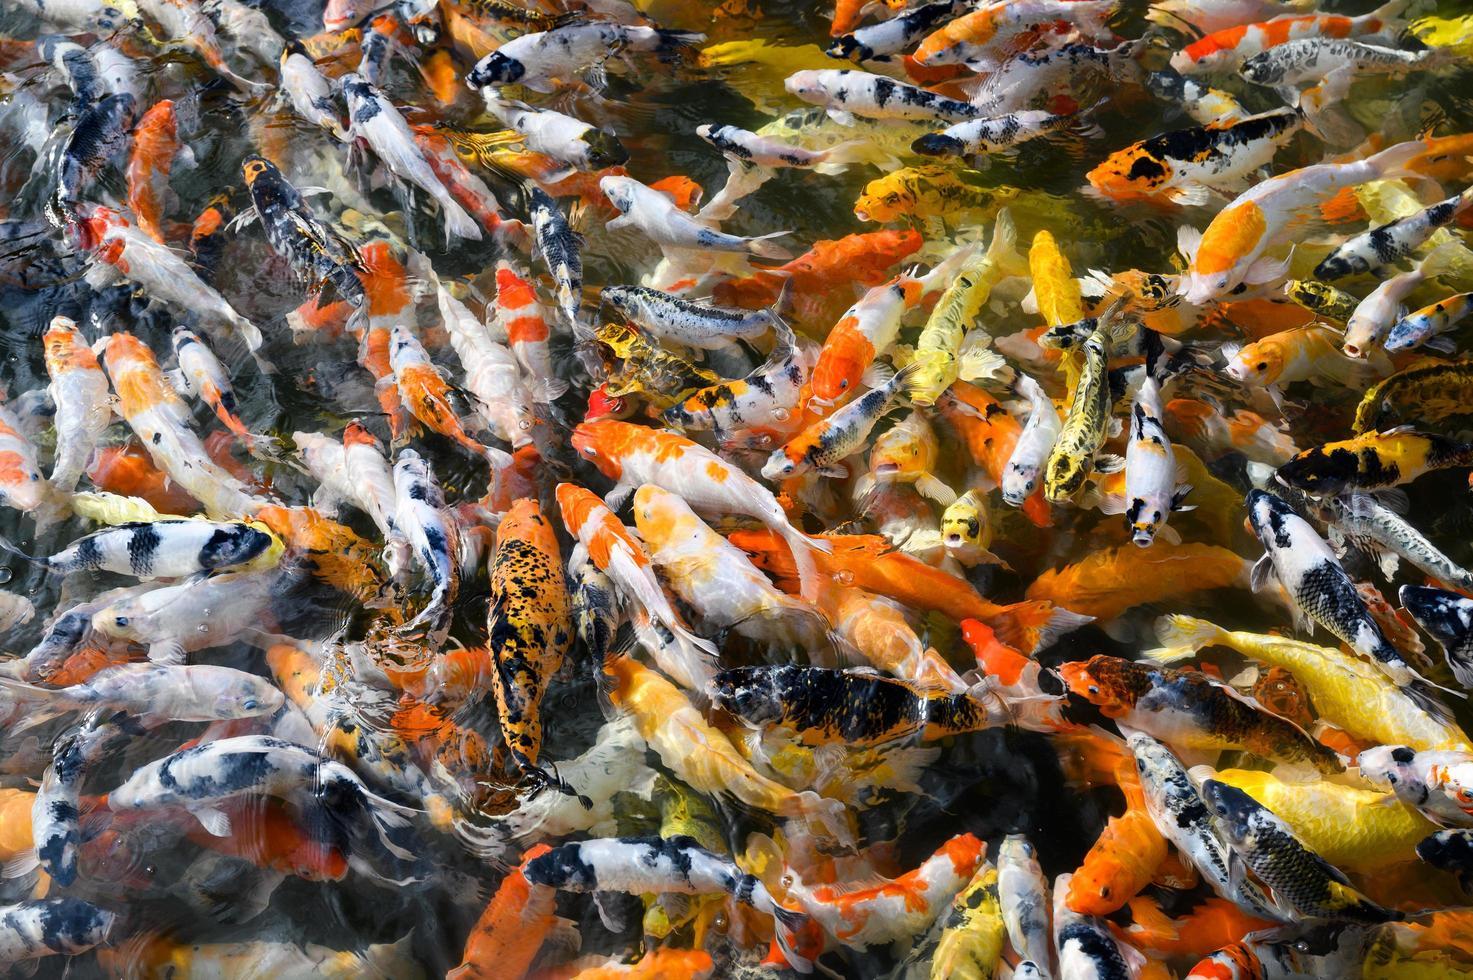 koi vissen zwemmen in een vijver foto